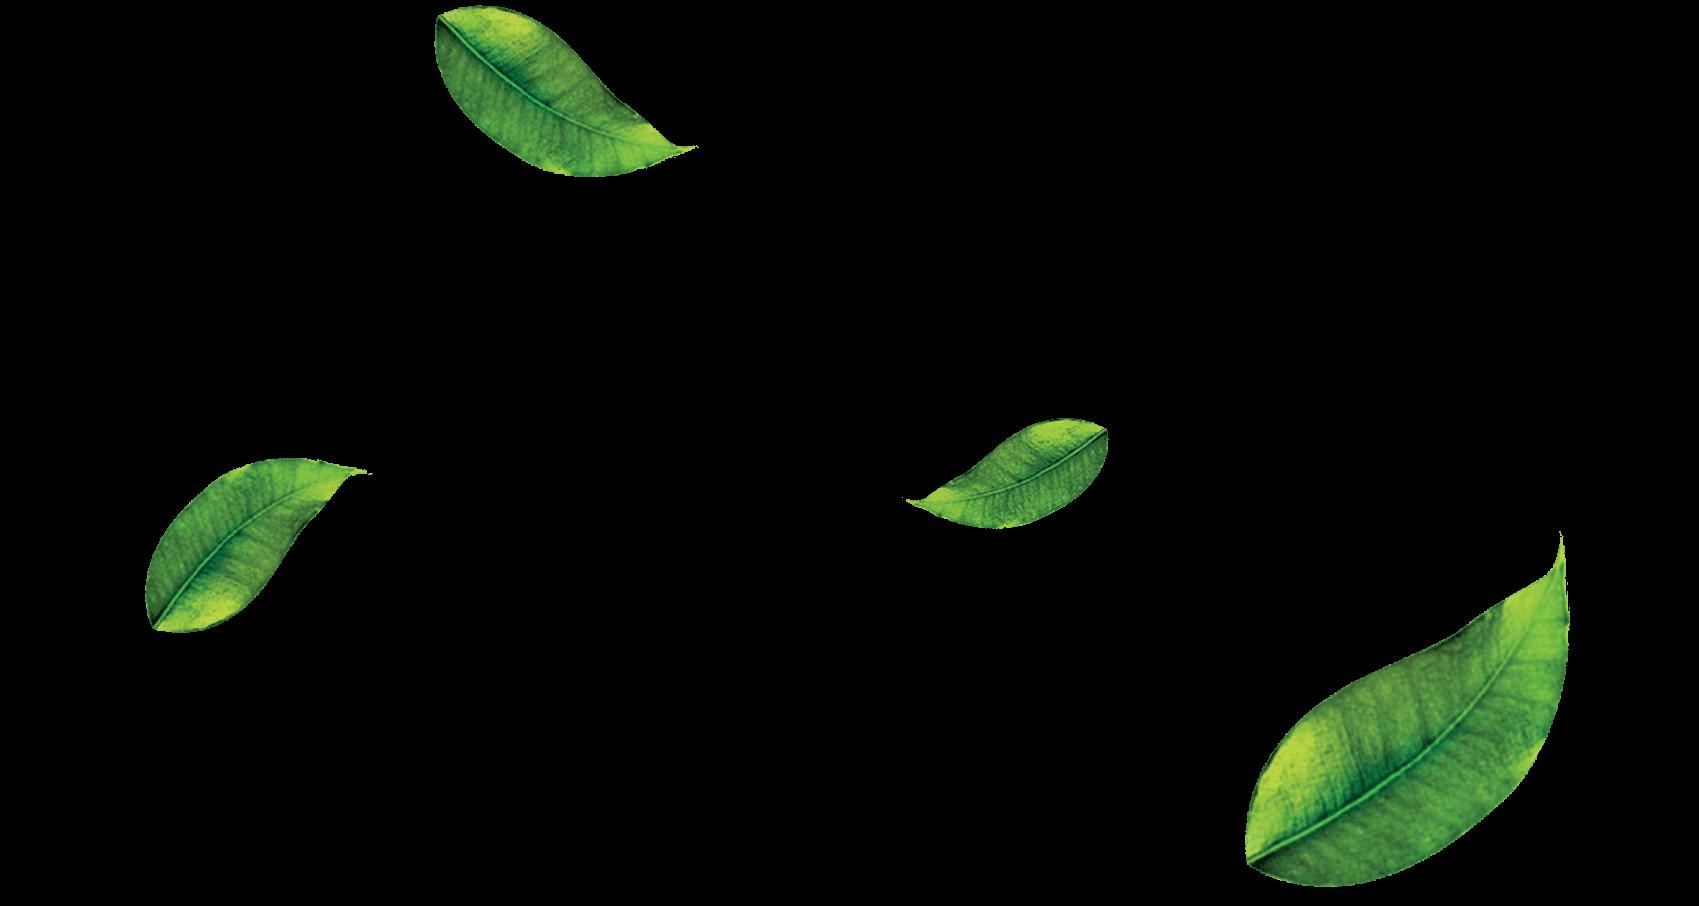 Vector Free Png Leaf Download #38628.